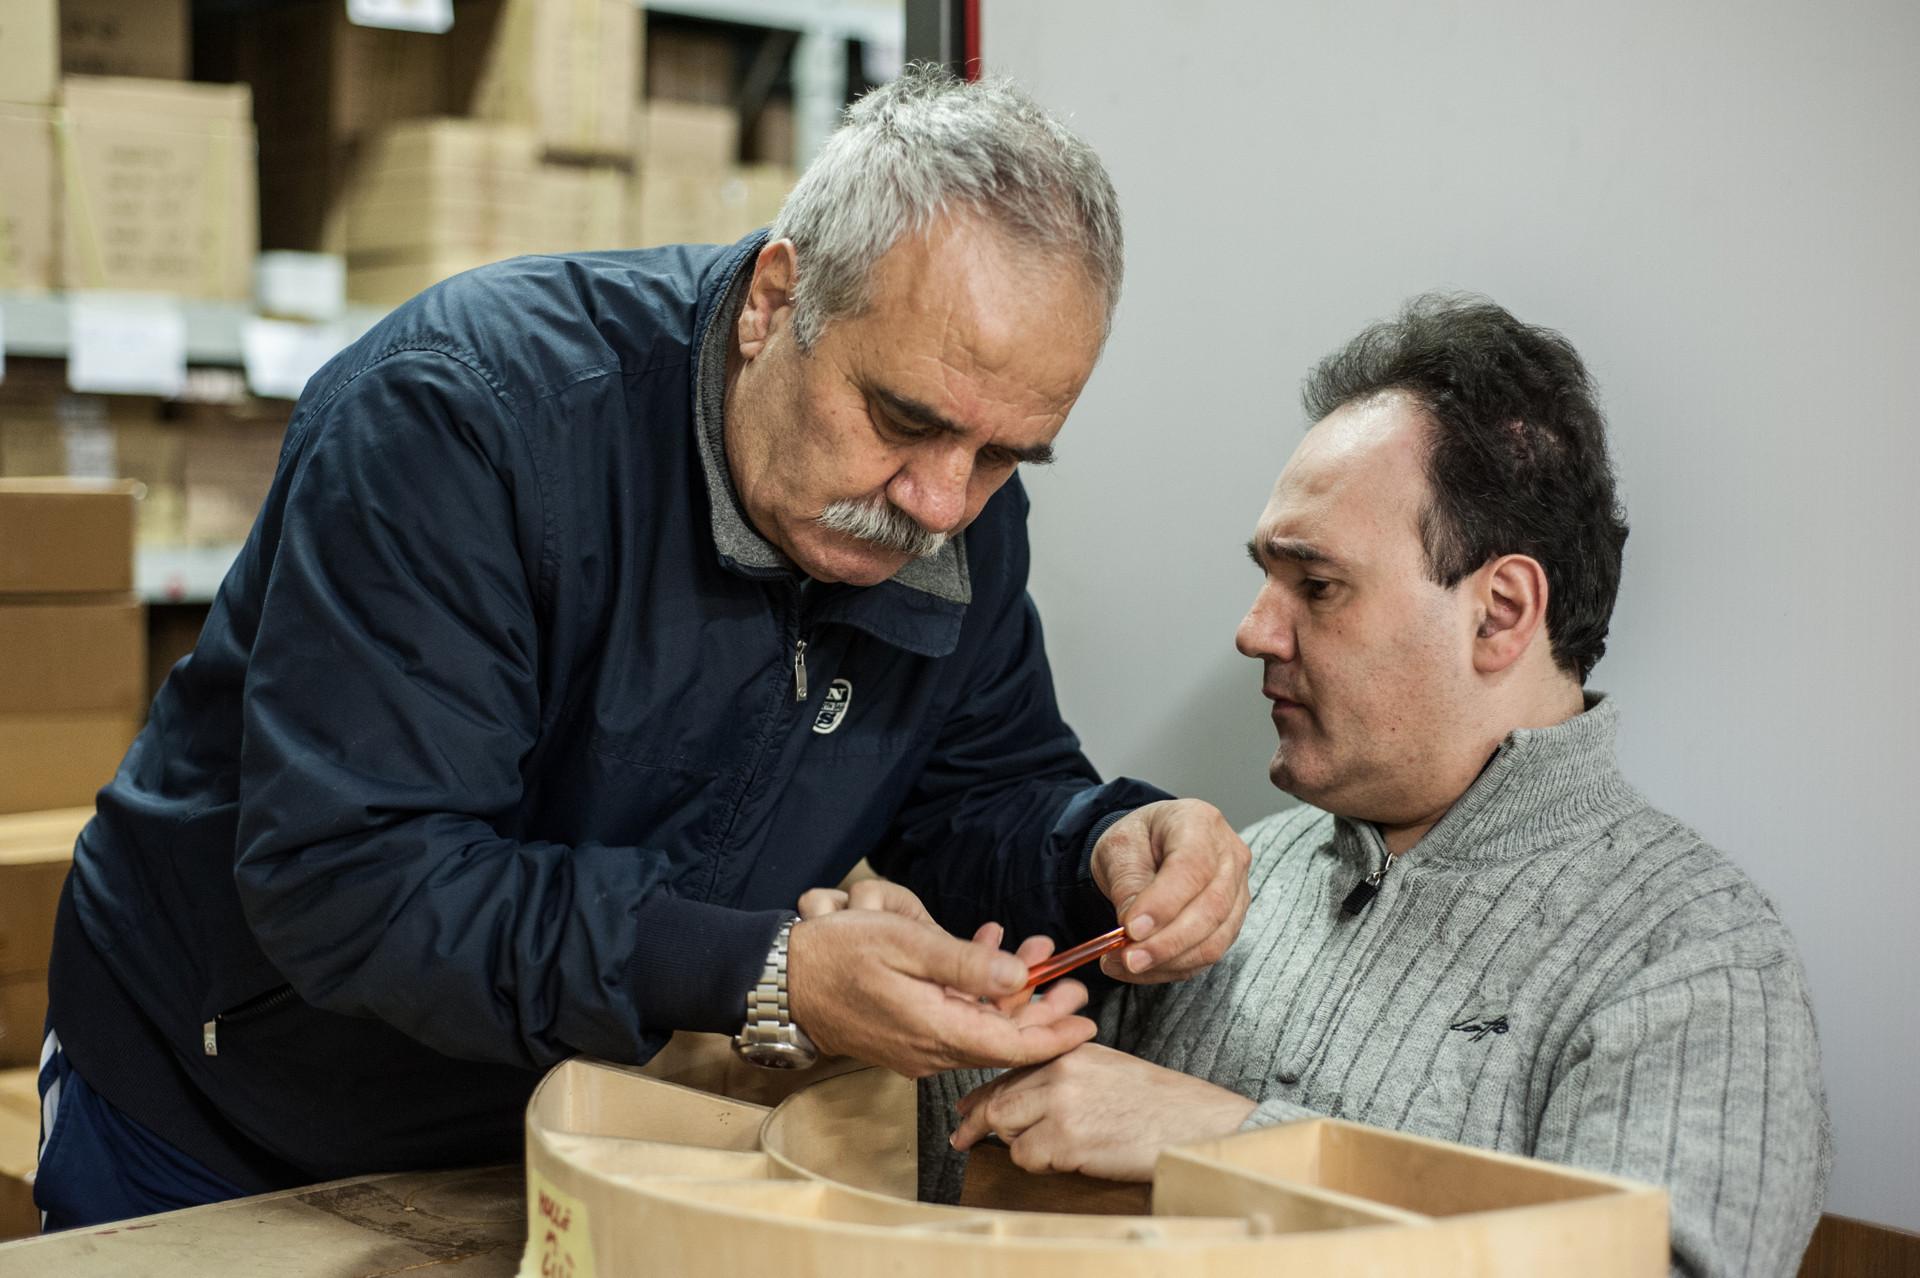 Alberto, un utente adulto, e suo padre Gianfranco, lavorano insieme un oggetto fatto di legno.